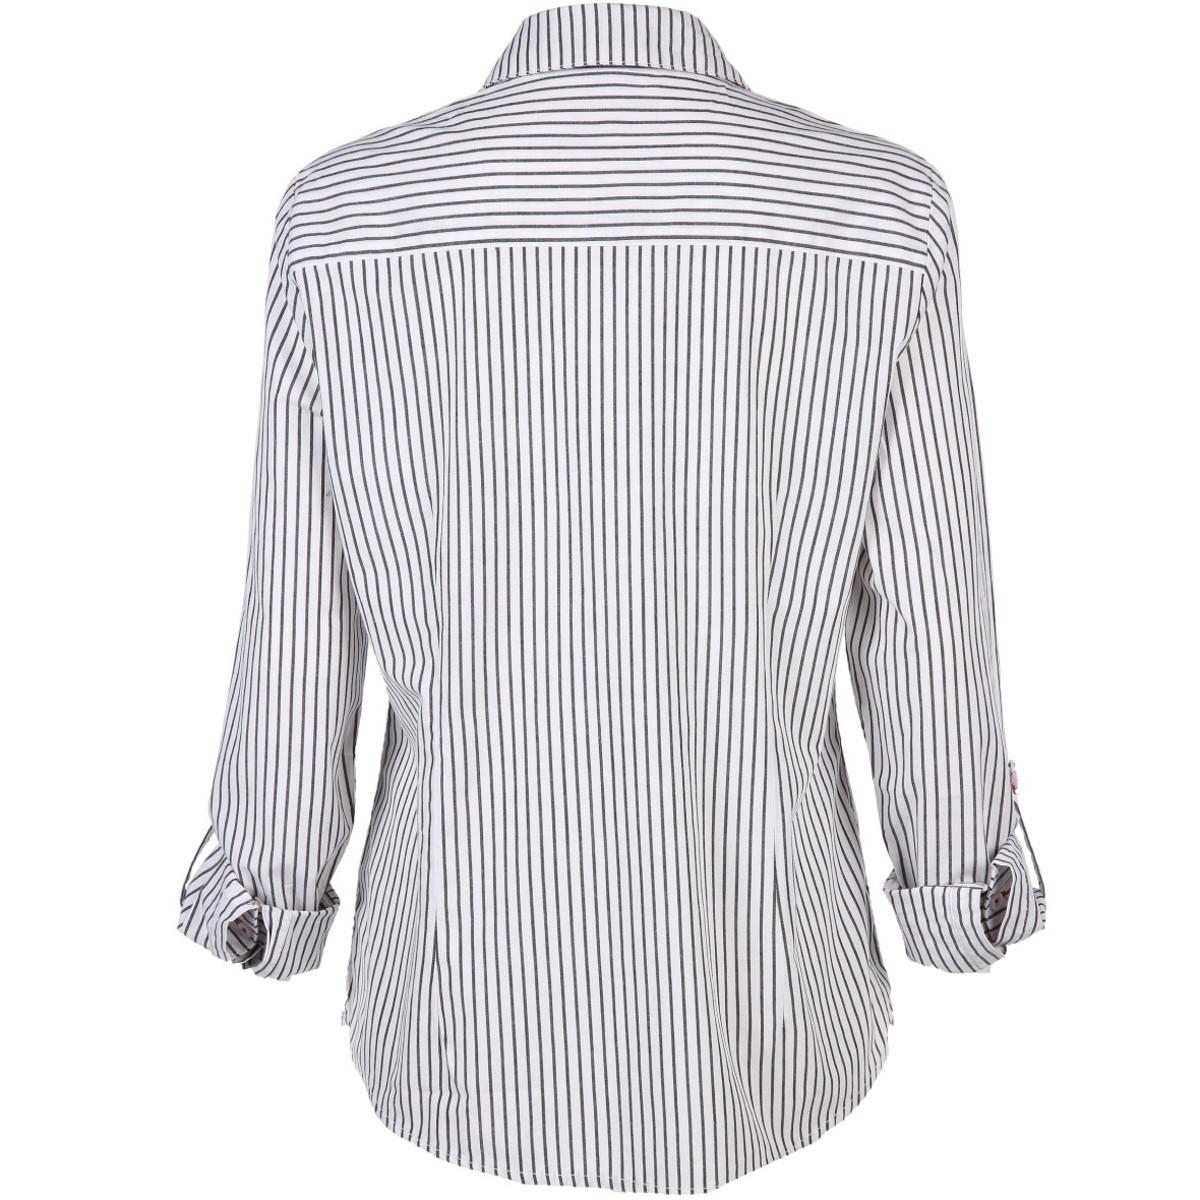 Bild 2 von Damen Bluse mit Streifen